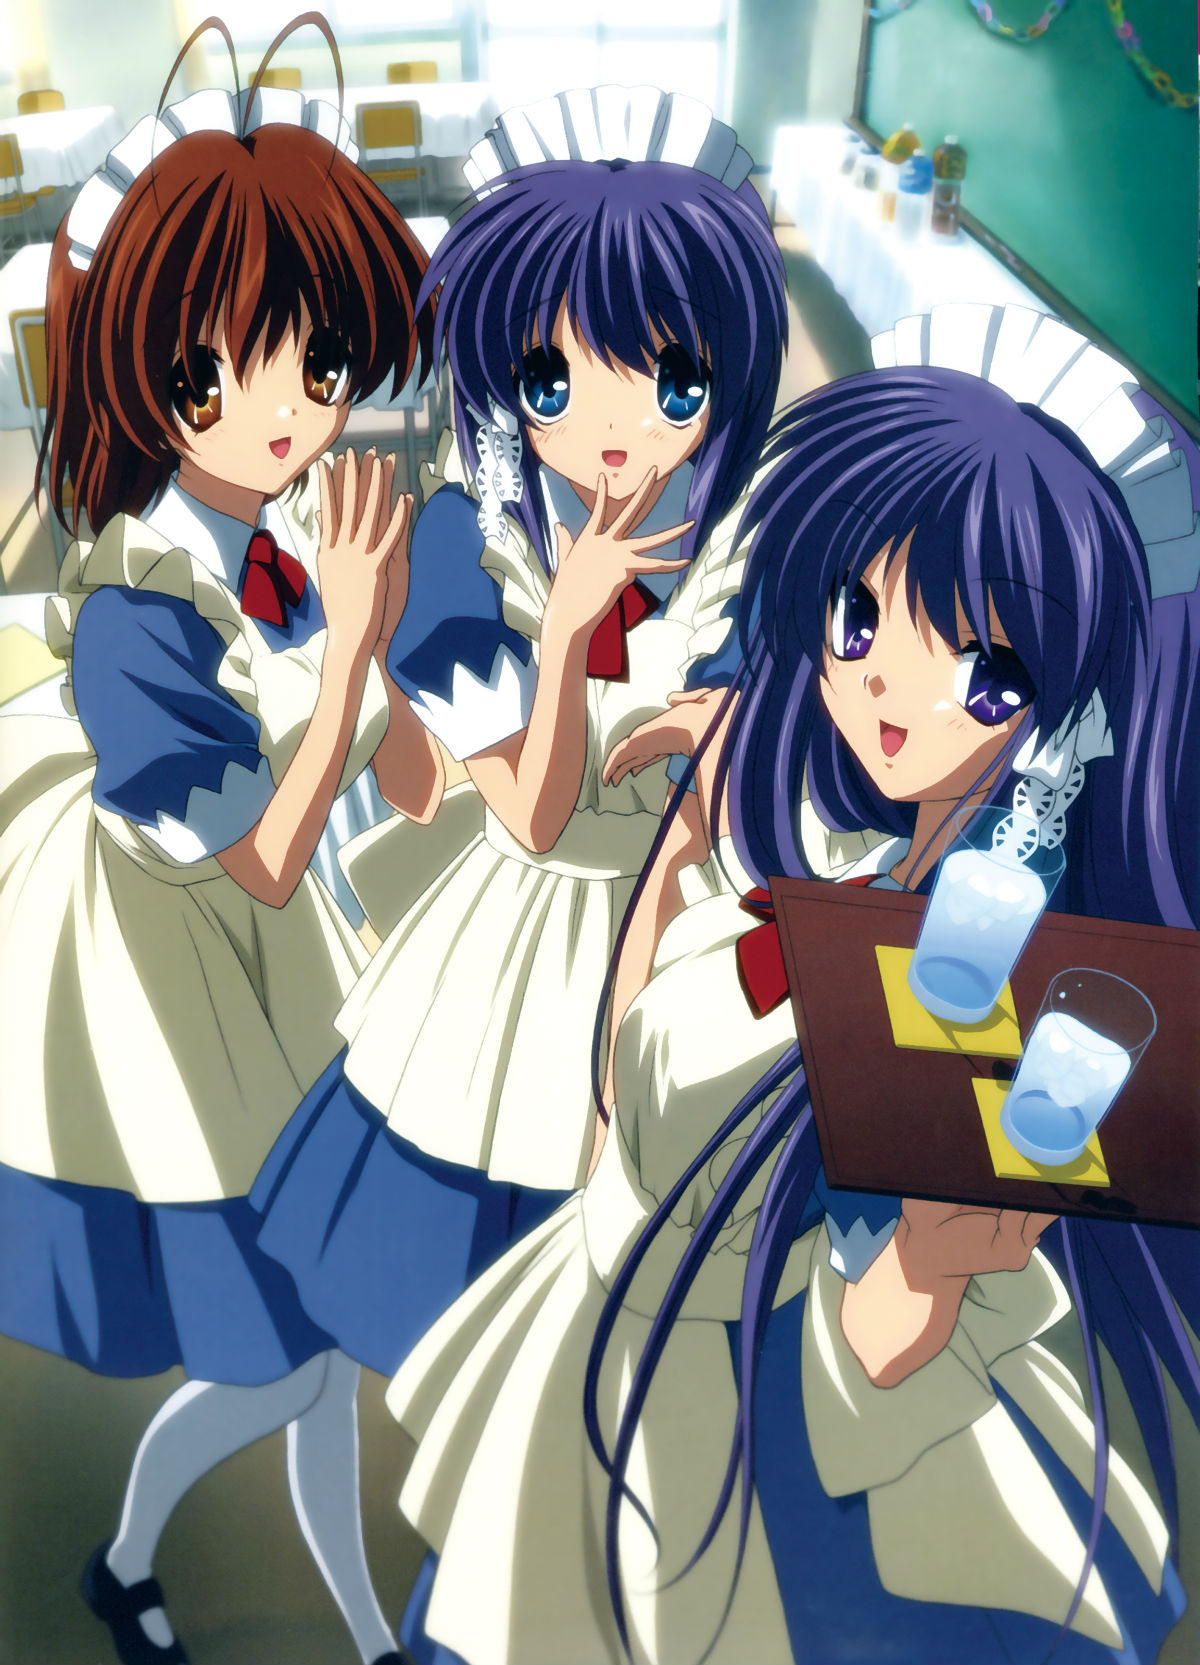 【漫迷小筑游戏】clannad-漫迷小筑-v女生日语学打女生手心图片